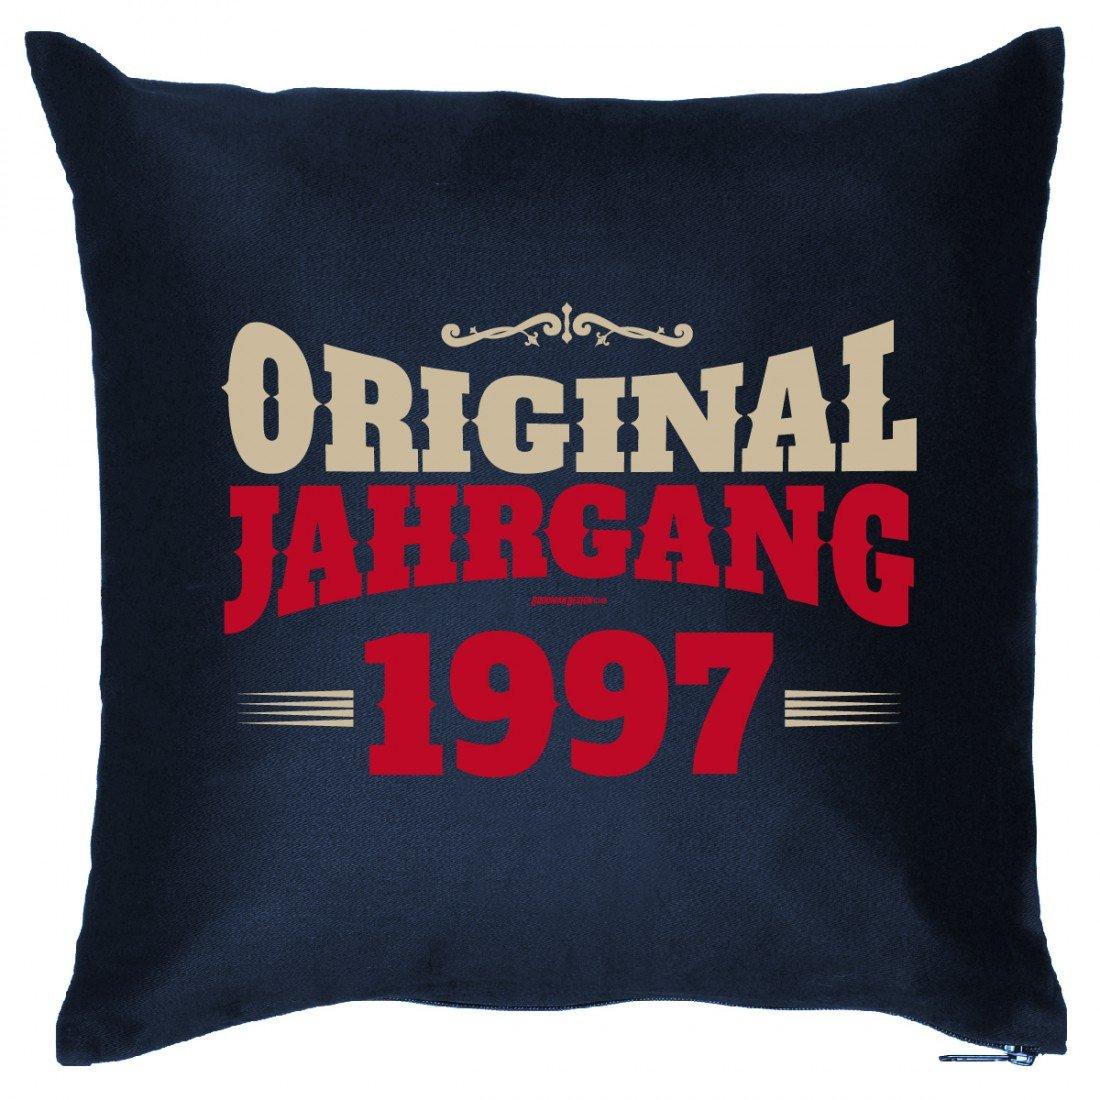 Couch Kissen mit Jahrgang zum Geburtstag – Original Jahrgang 1997 – Sofakissen Wendekissen mit Spruch und Humor jetzt bestellen